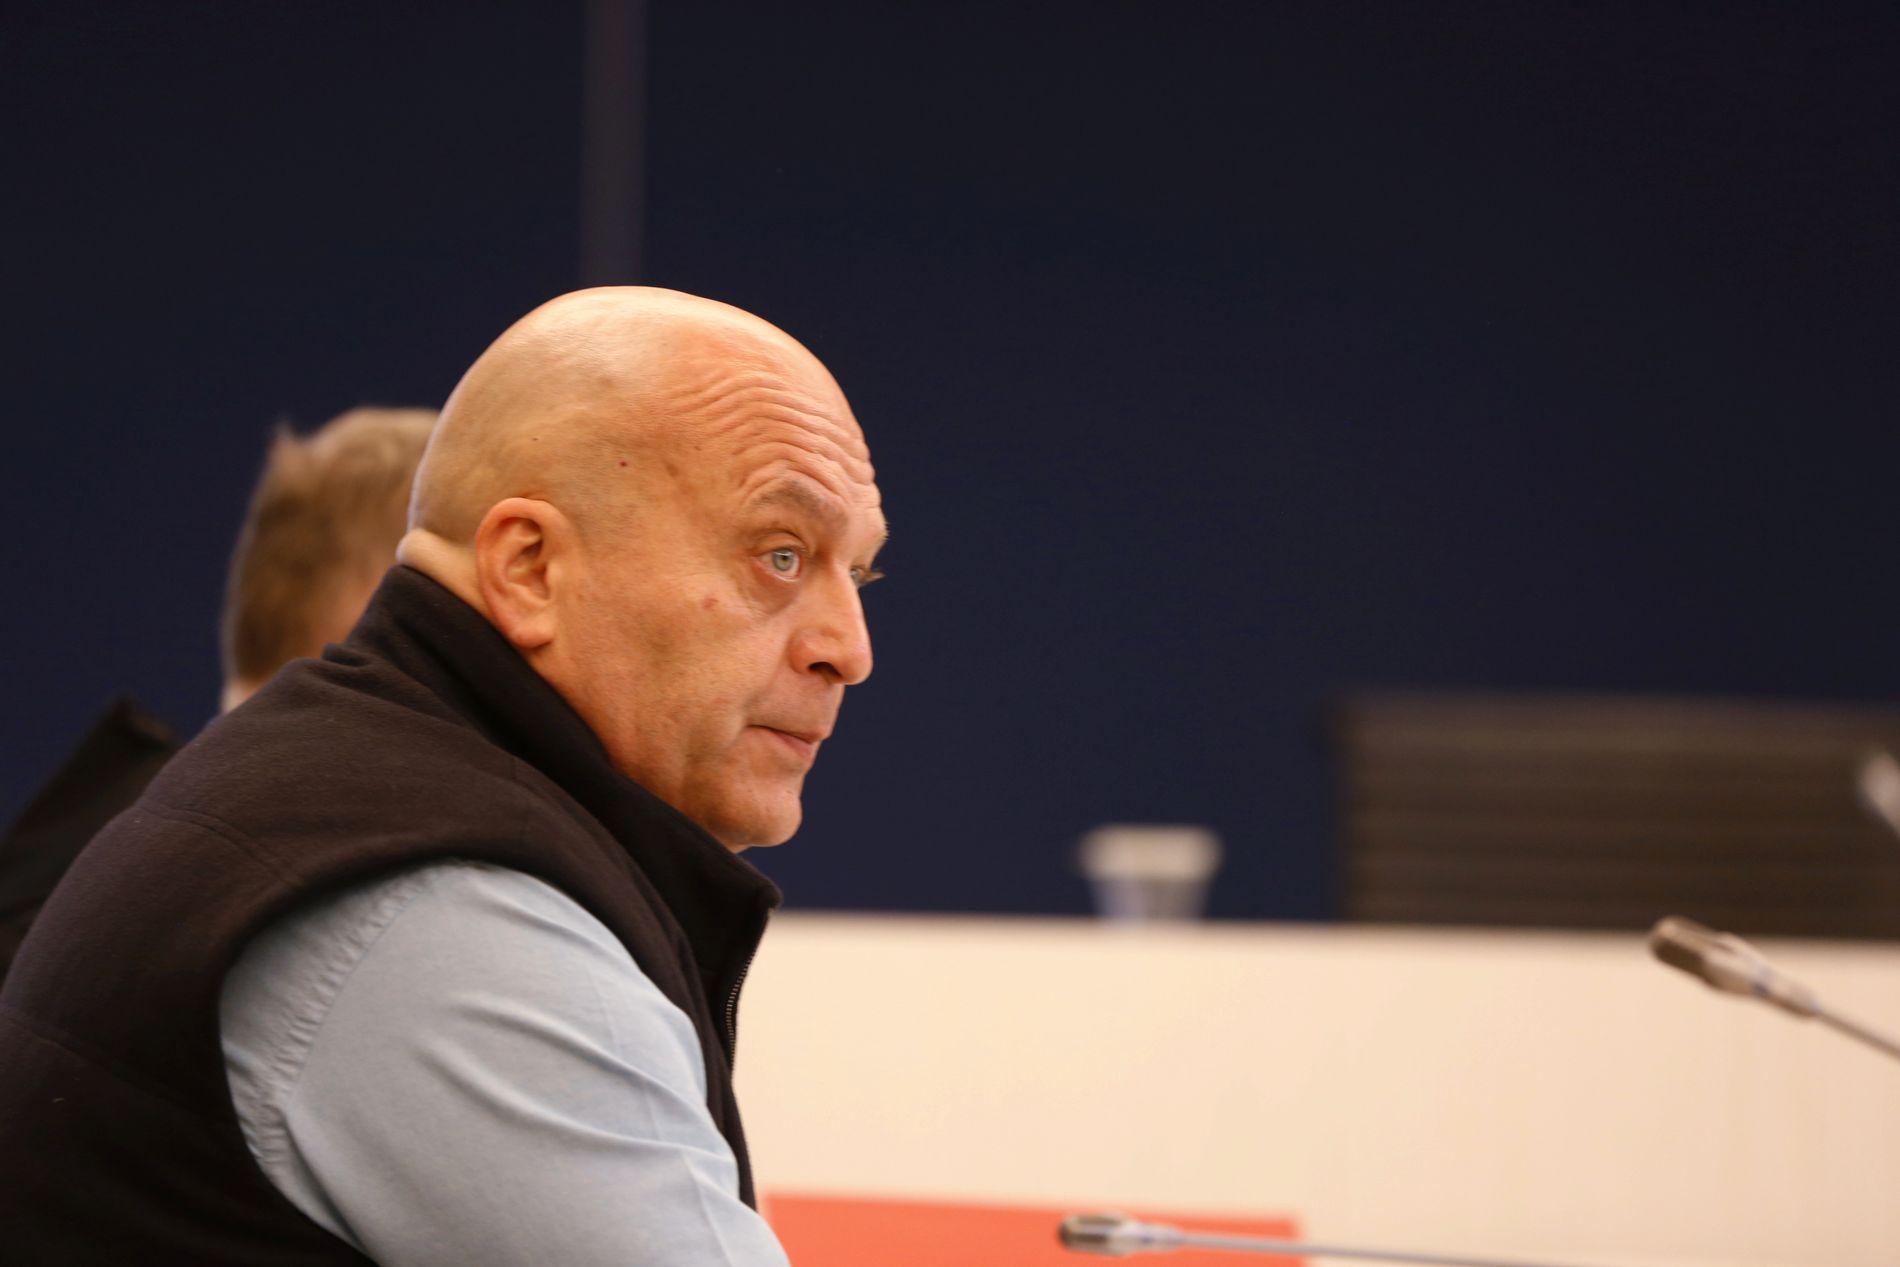 BOMBE: «Det blir en bombe», sa storsmugler Gjermund Cappelen da han begynte å snakke Eirik Jensen inn i saken. Det ble det. Cappelen ble tatt etter at hasjlageret hans ble tømt under «Operasjon Silent» i 2013.